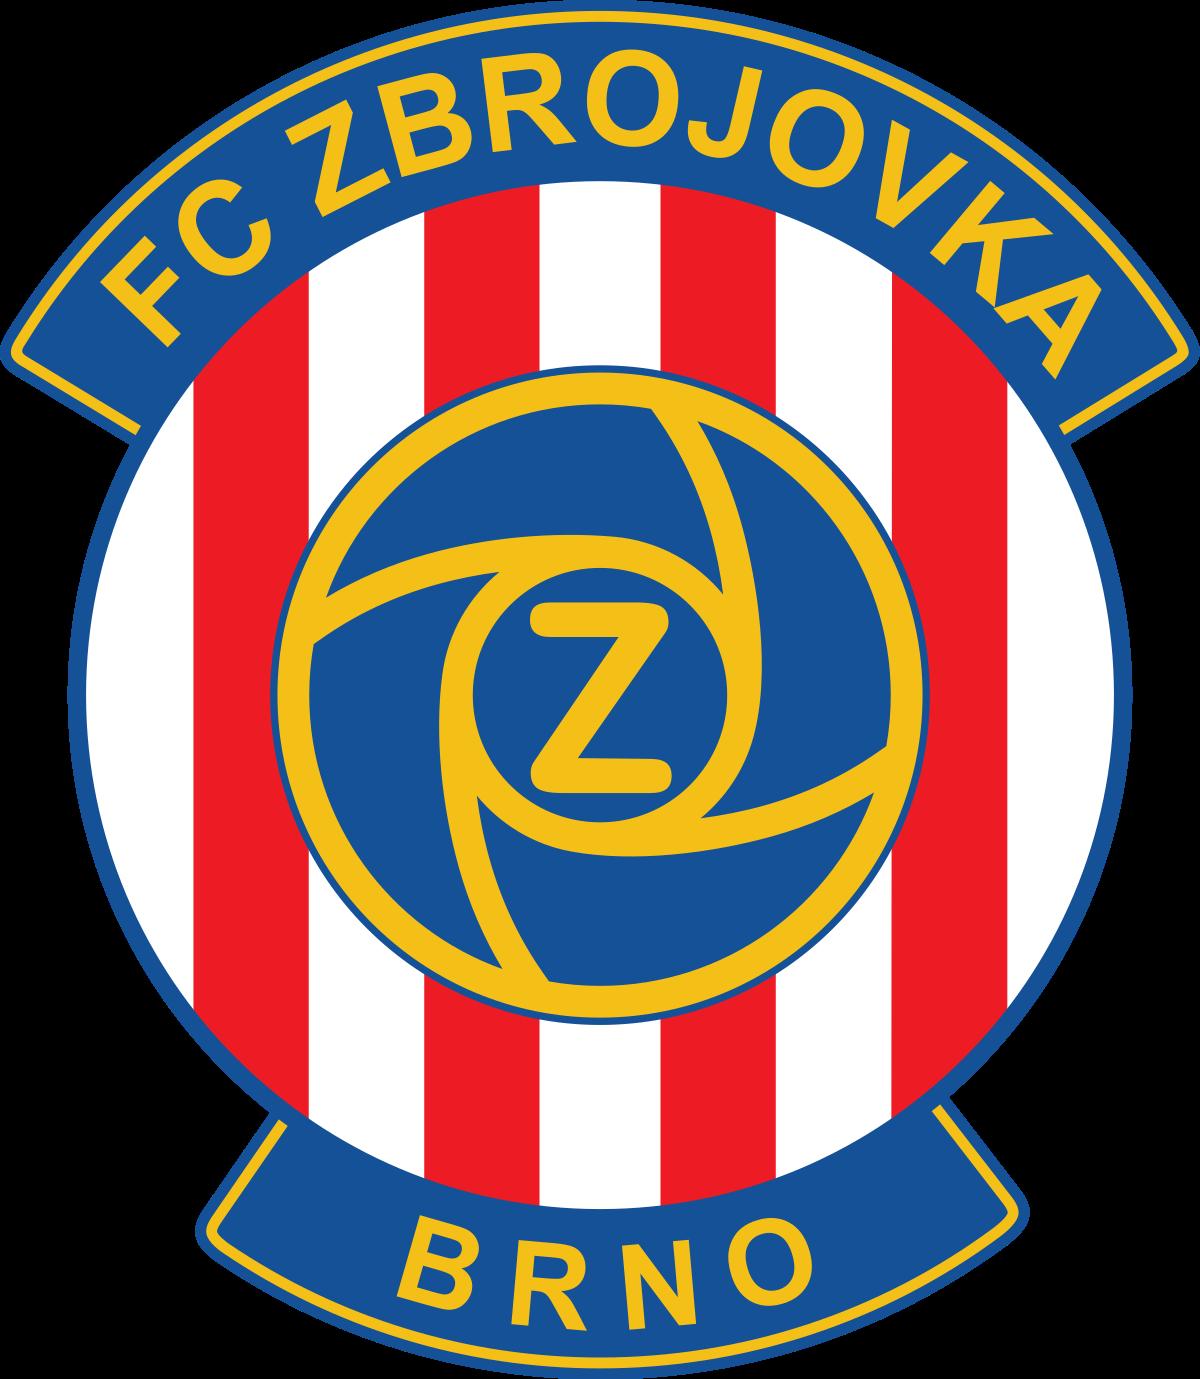 Zbrojovka Brno-2 logo